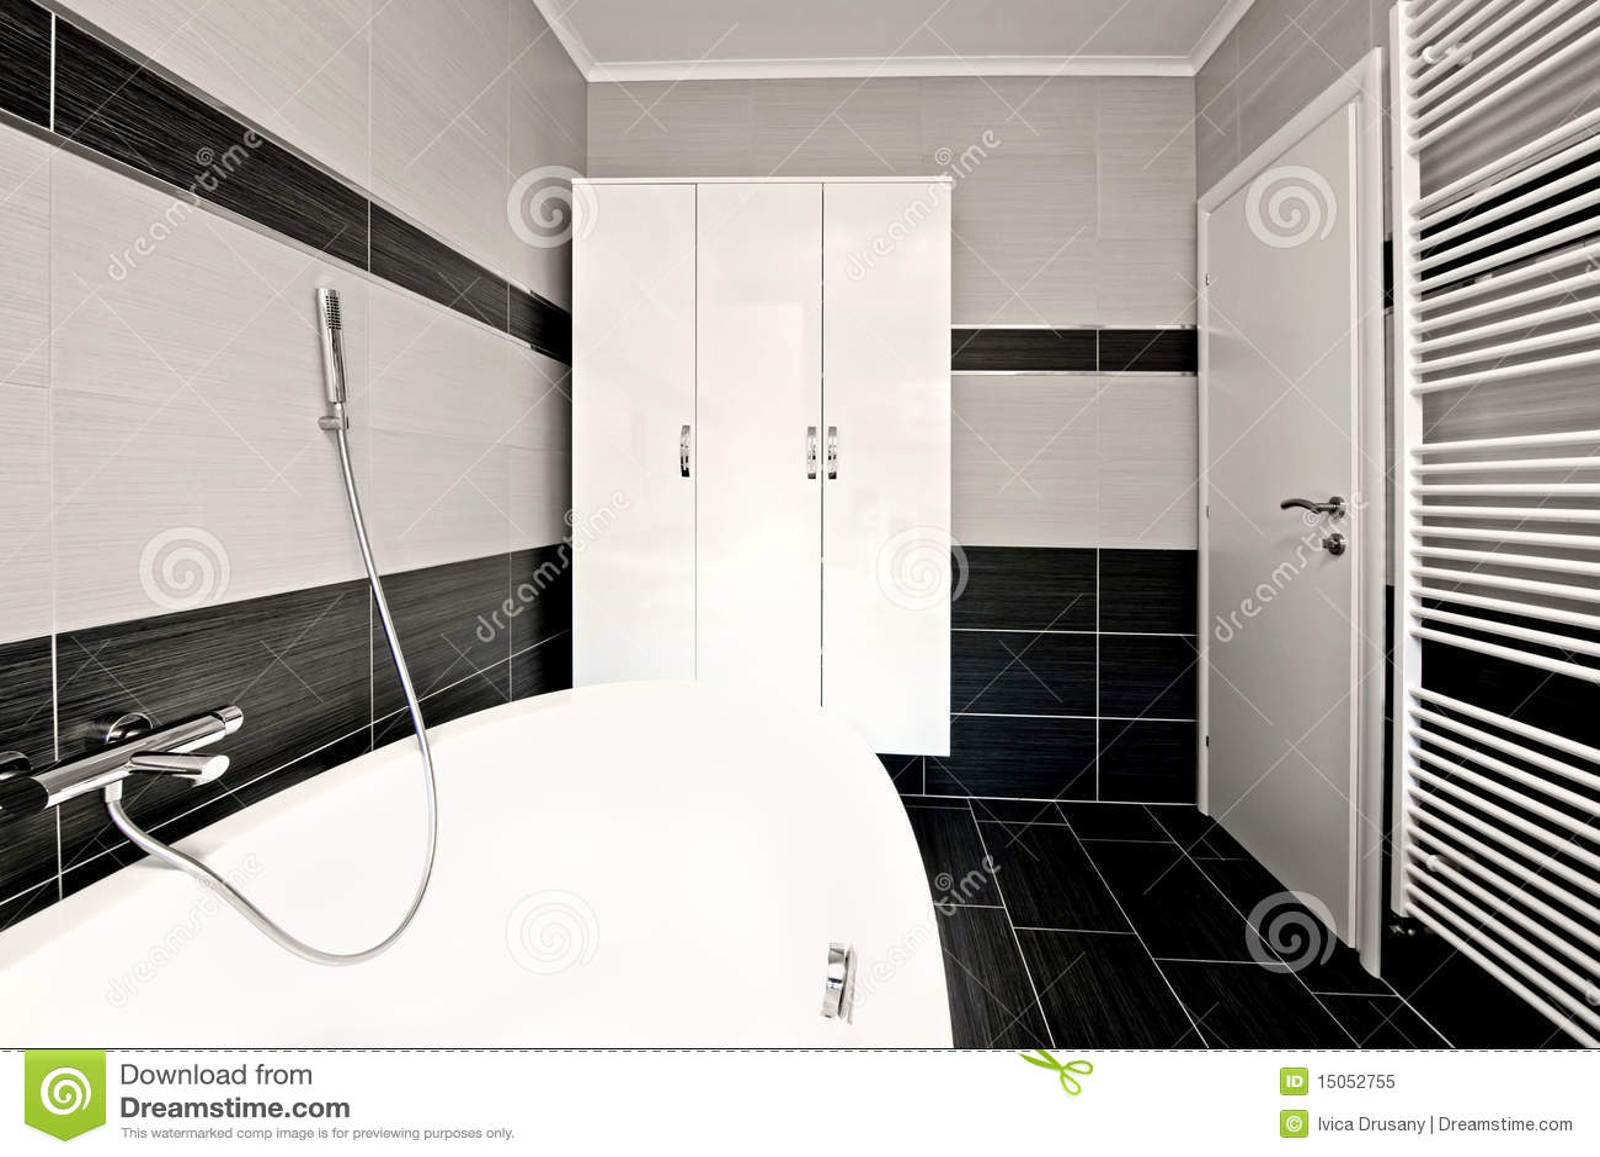 Modernes Schwarzes Badezimmer Stockbild Bild Von Luxus Fussboden